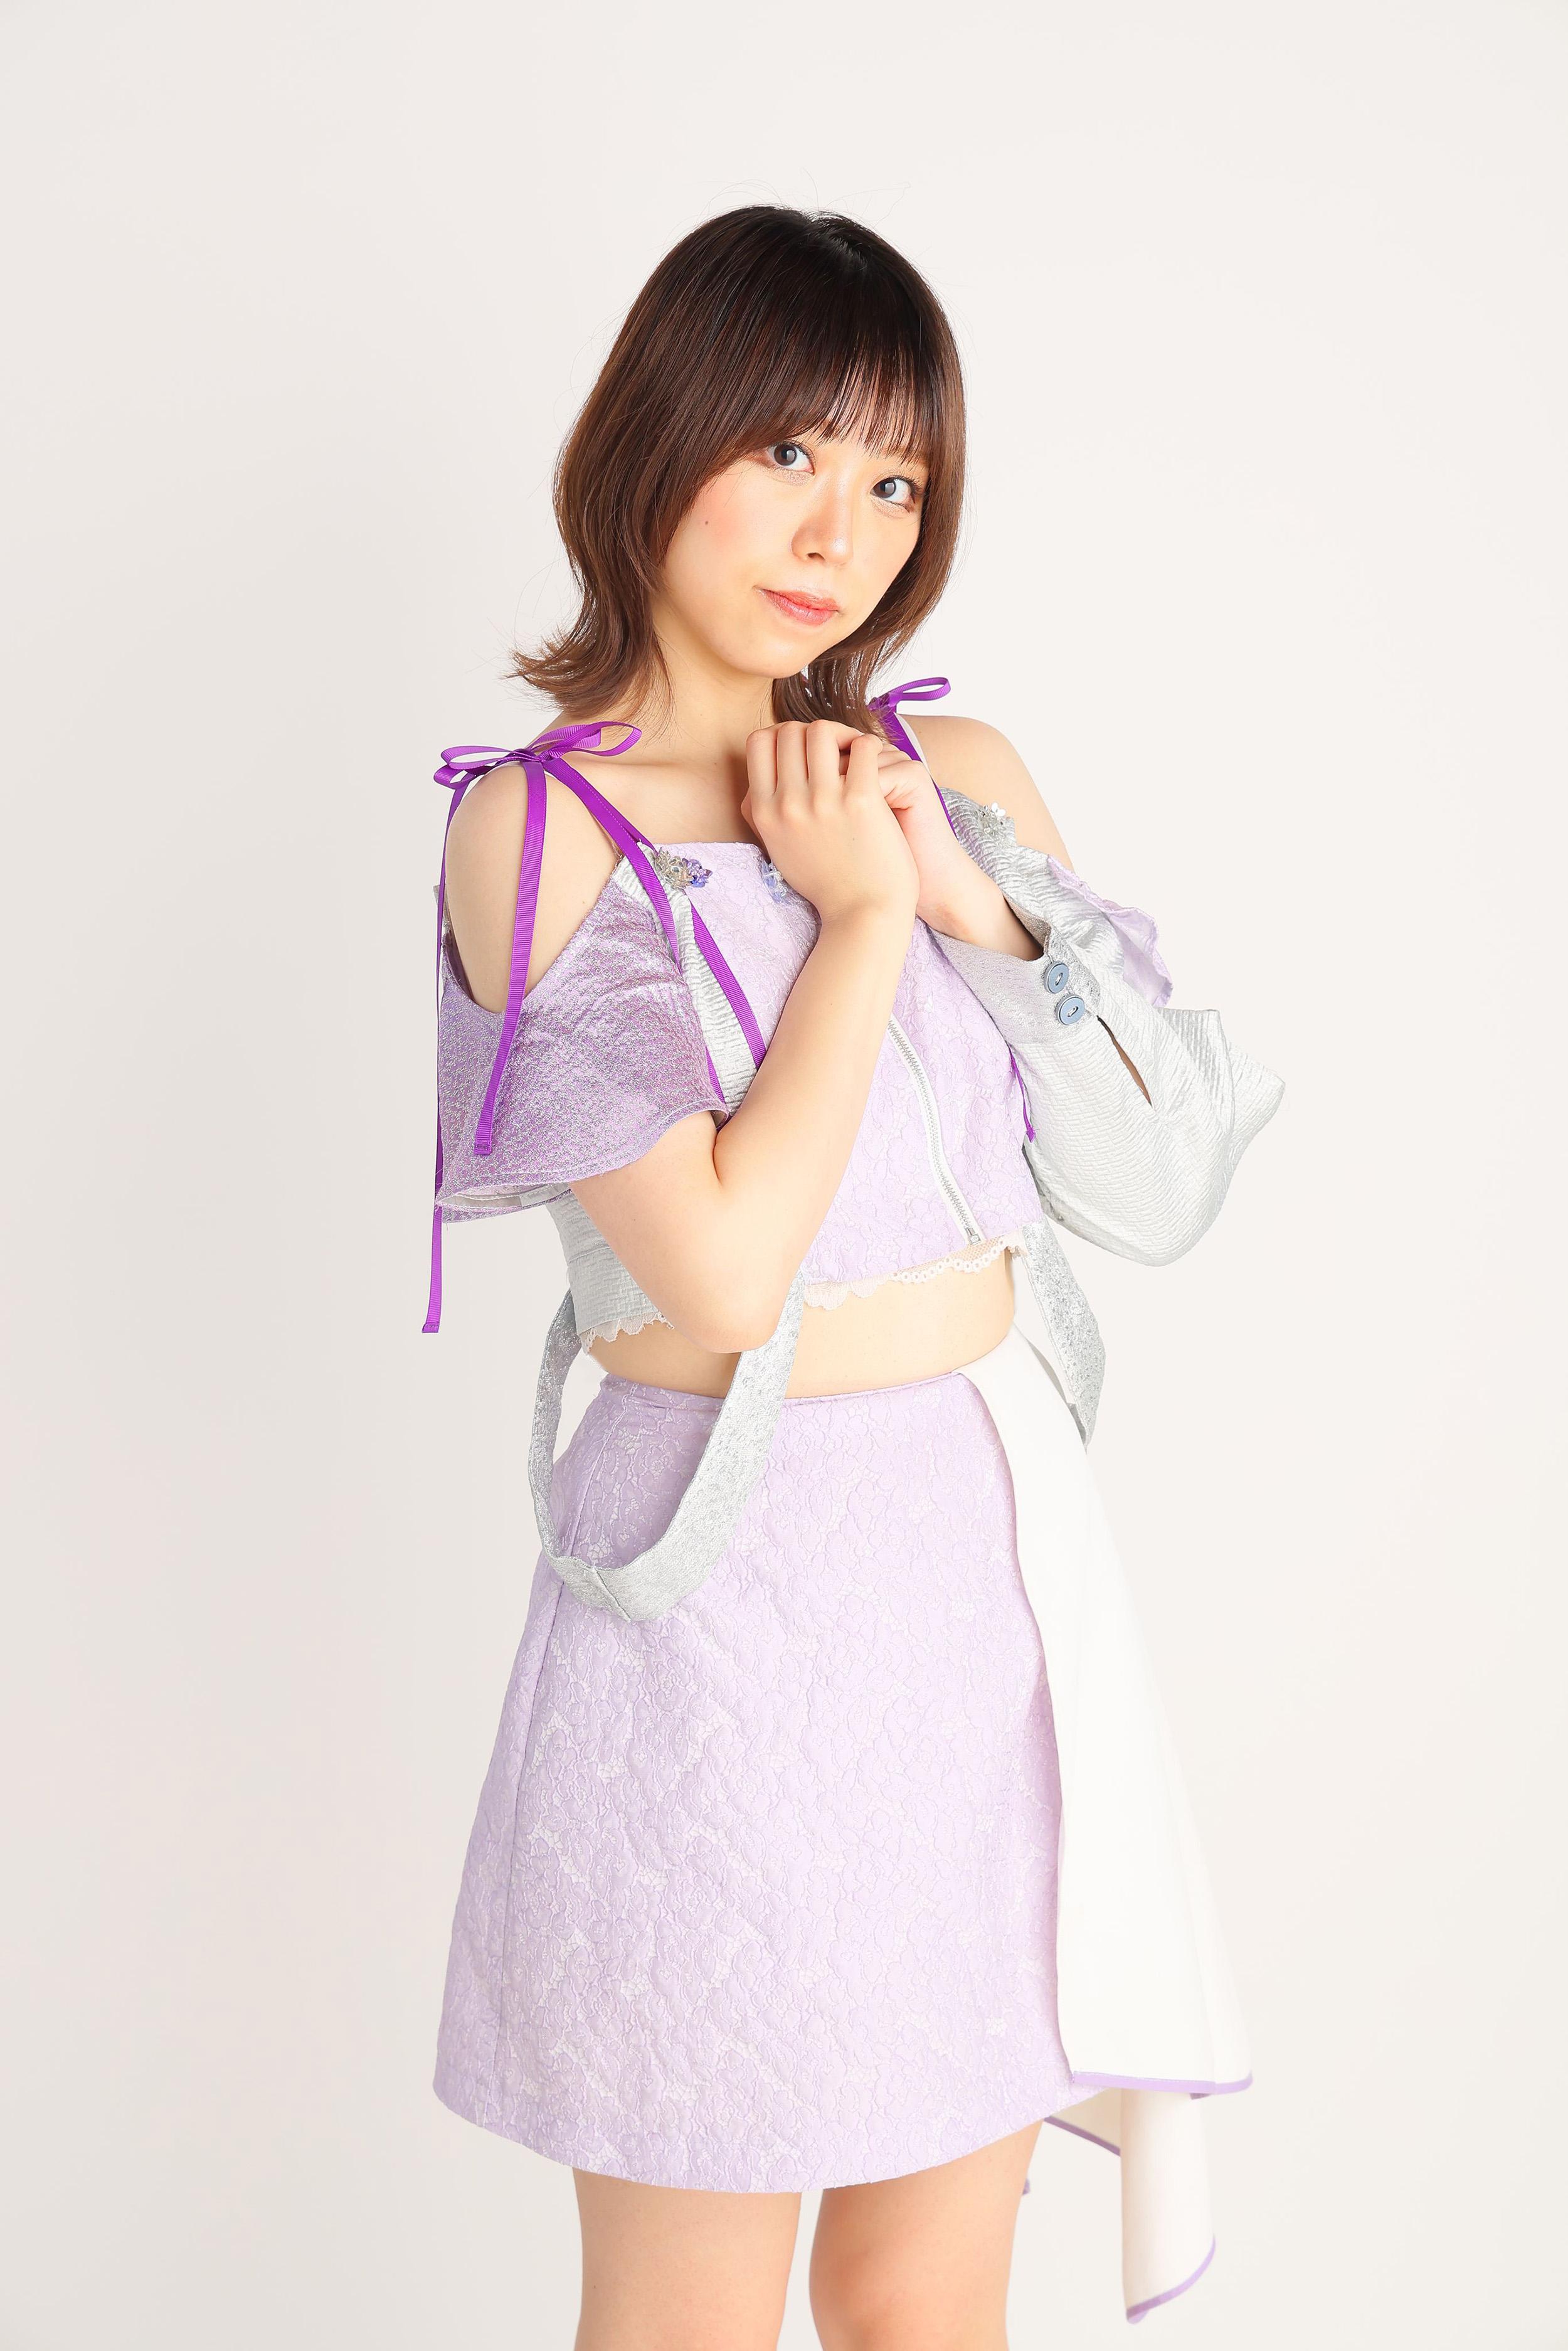 七瀬彩耶のプロフィール写真